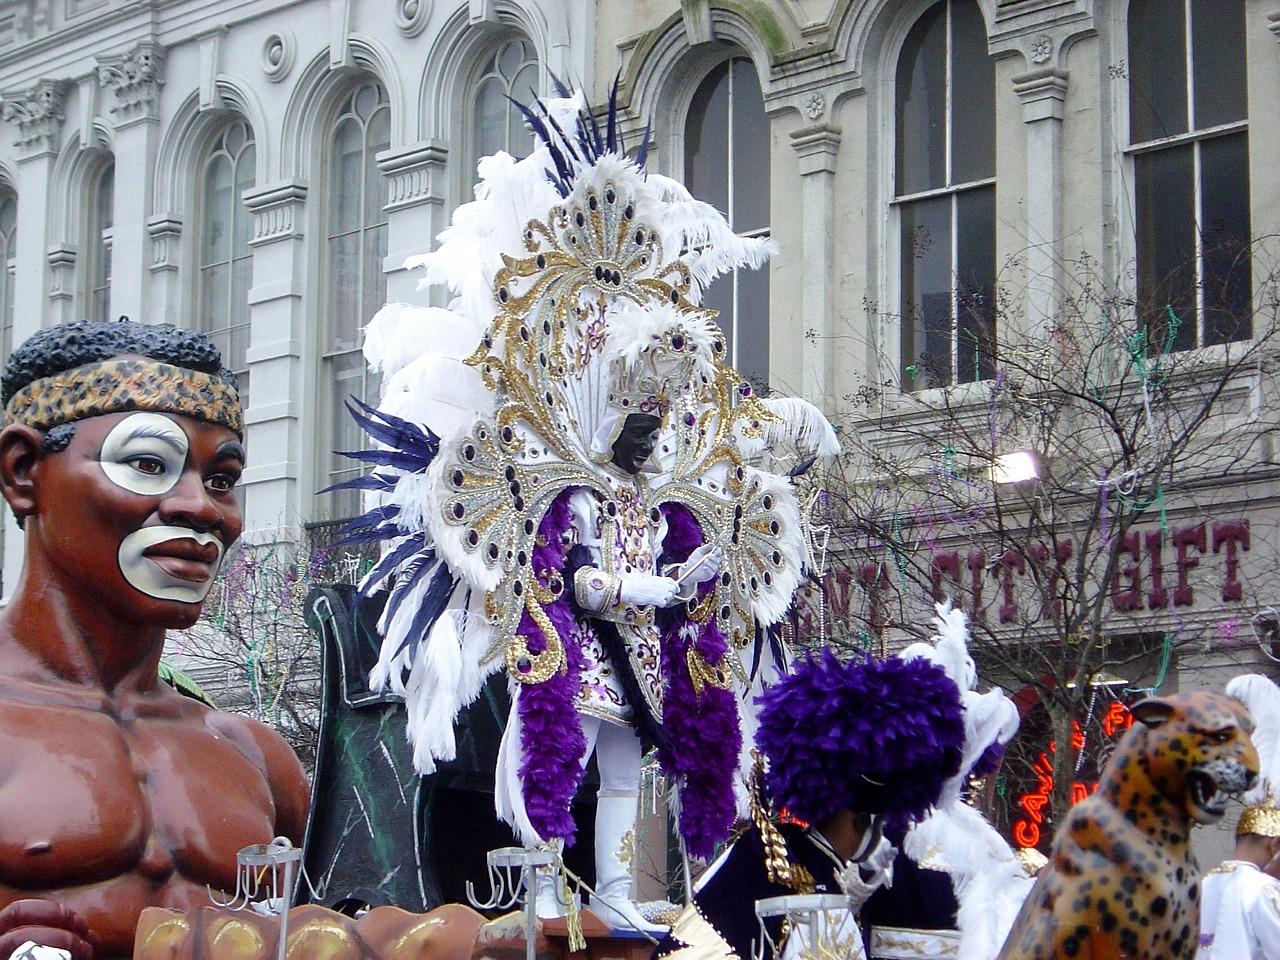 Mardi Gras di New Orleans